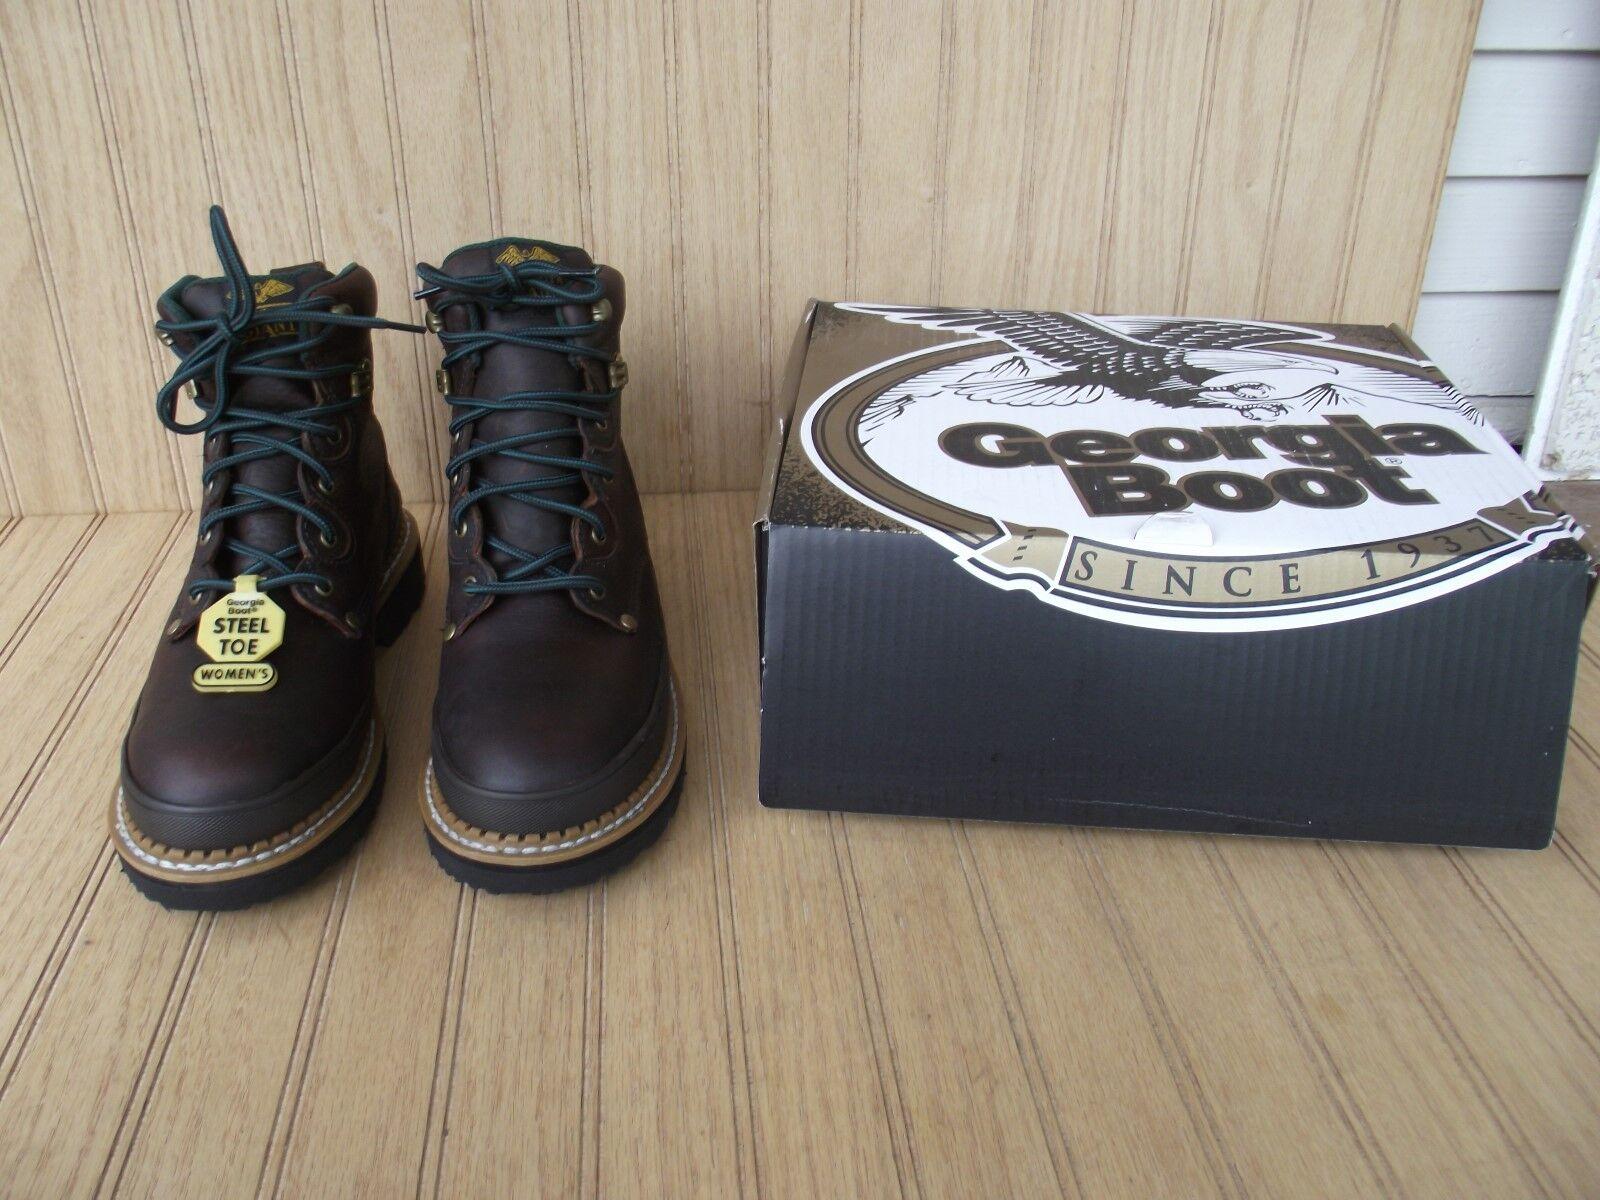 vendite online GEORGIA avvio G3374 donna 6  GIANT STEEL TOE TOE TOE stivali, LEATHER, OIL RES, ELECT HZD  scelte con prezzo basso